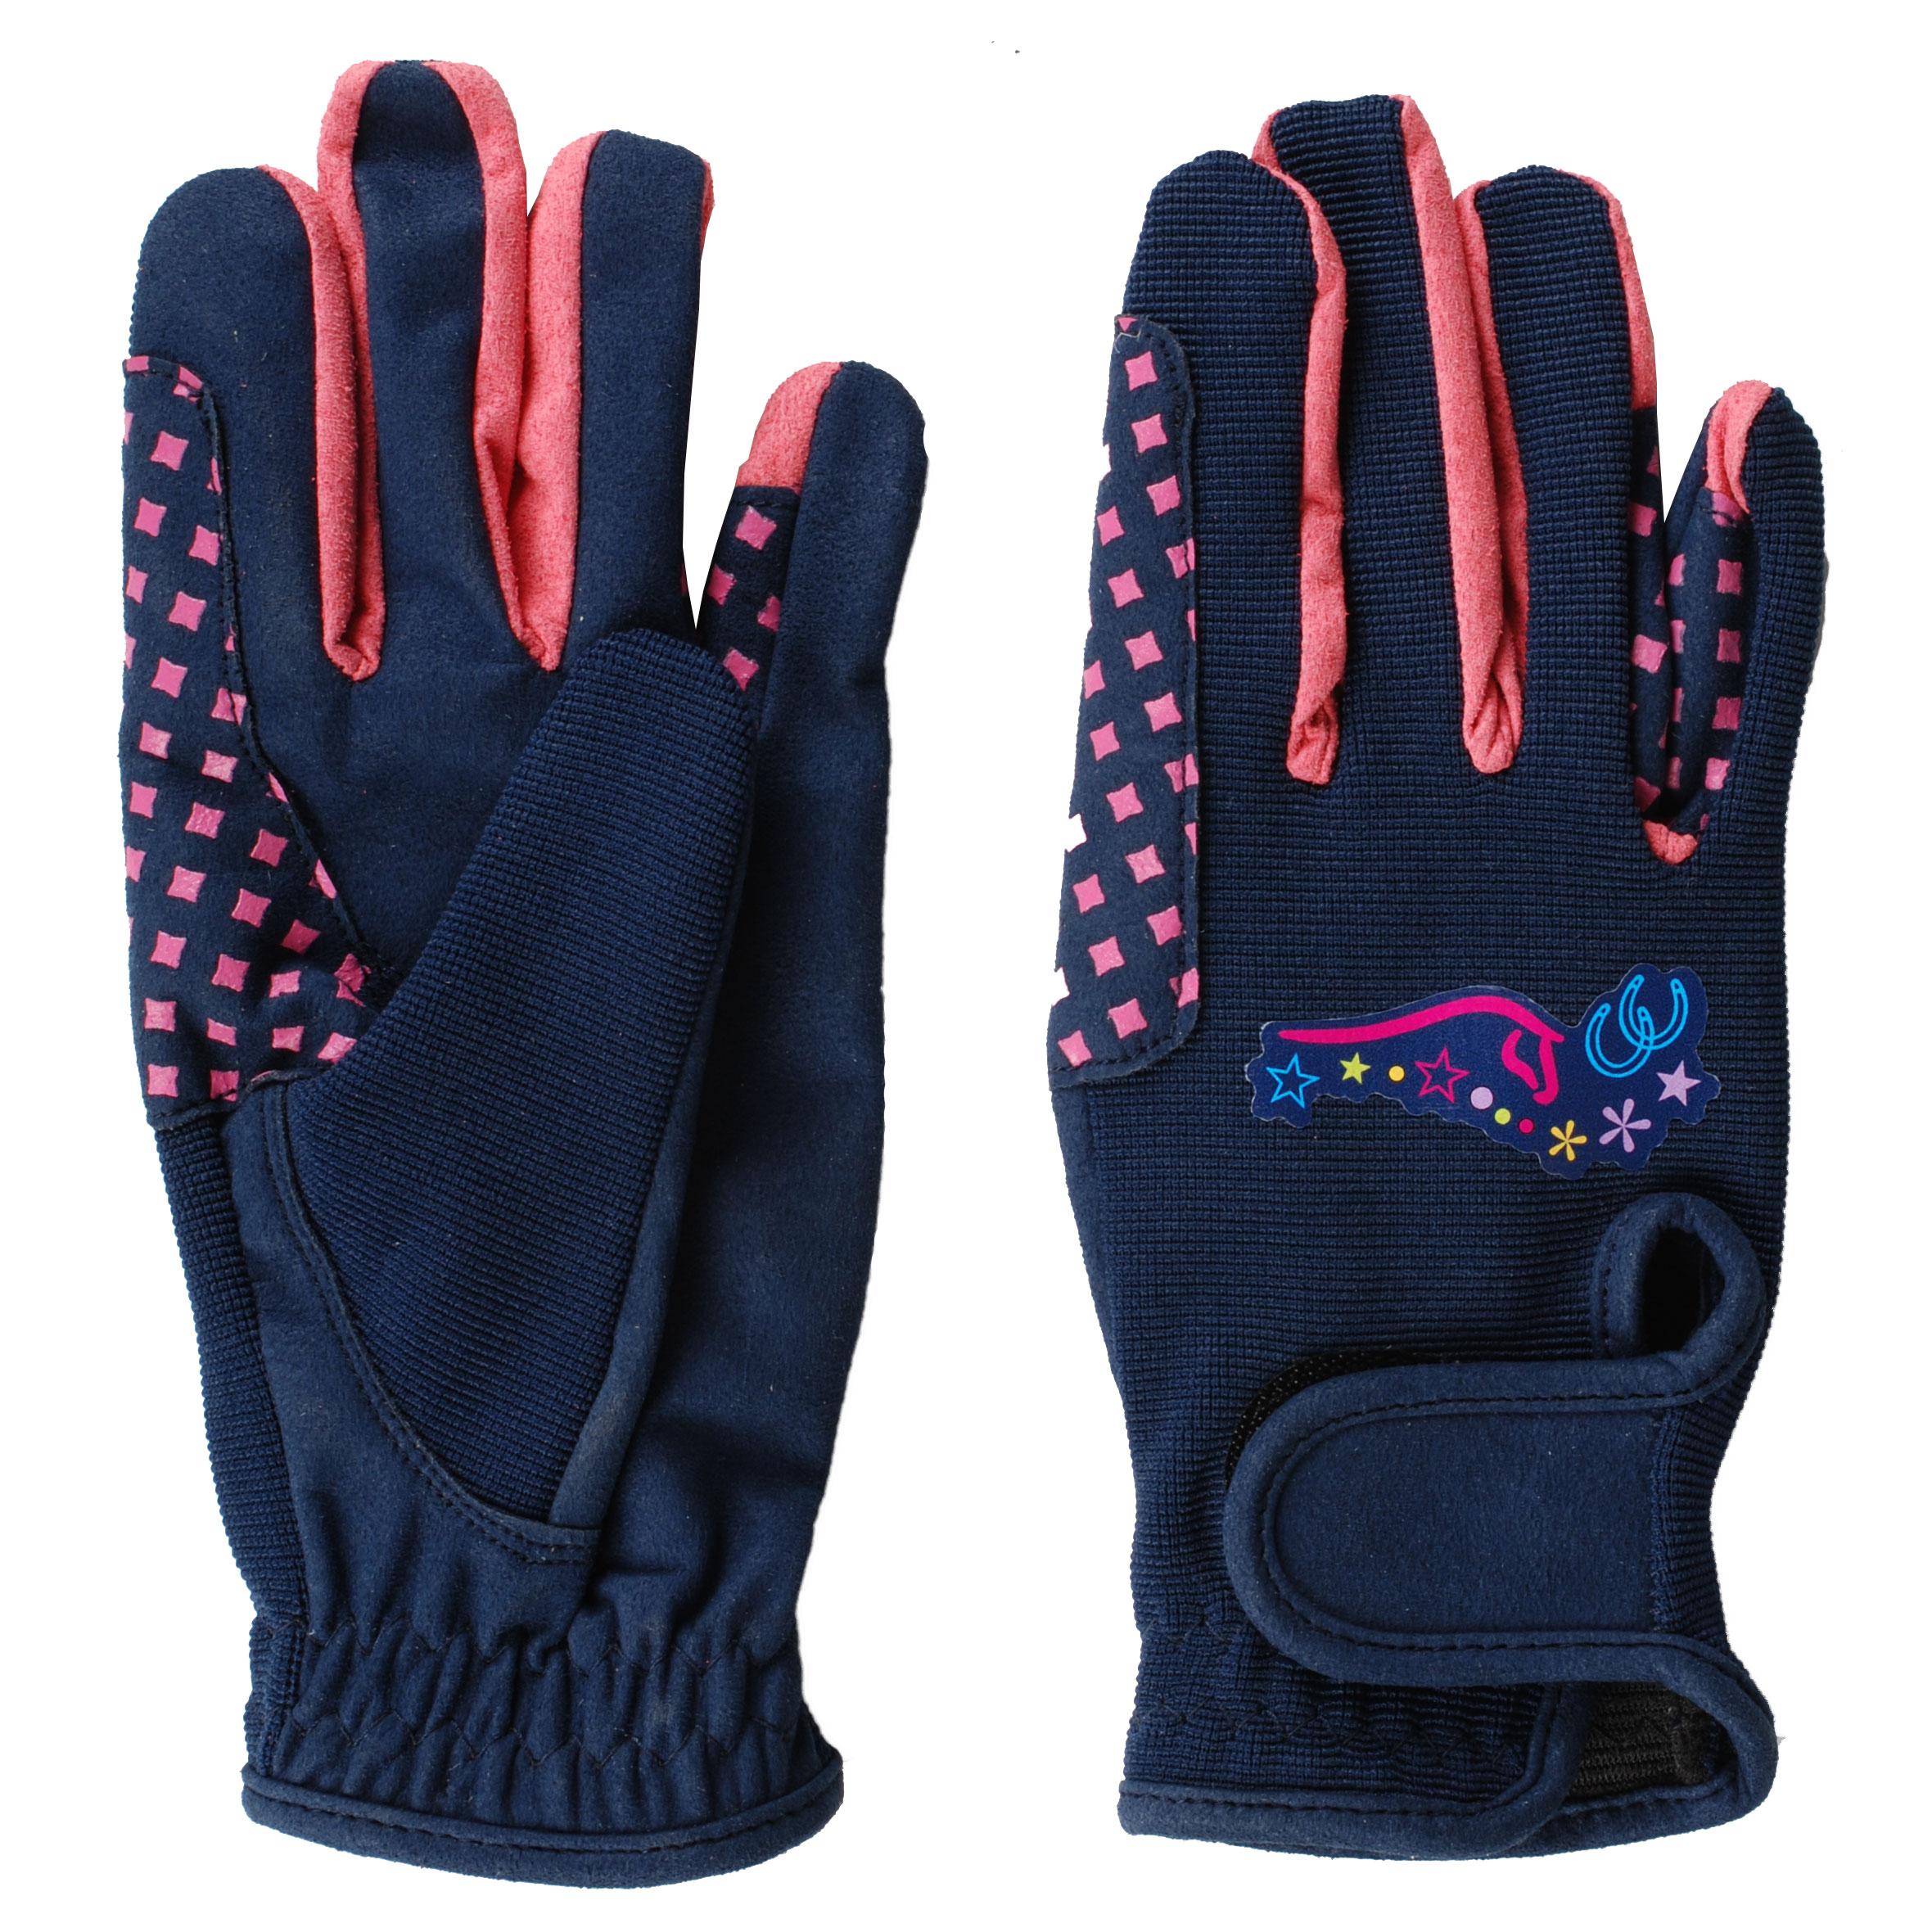 Mondoni Heartstrings kinder handschoenen donkerblauw maat:128